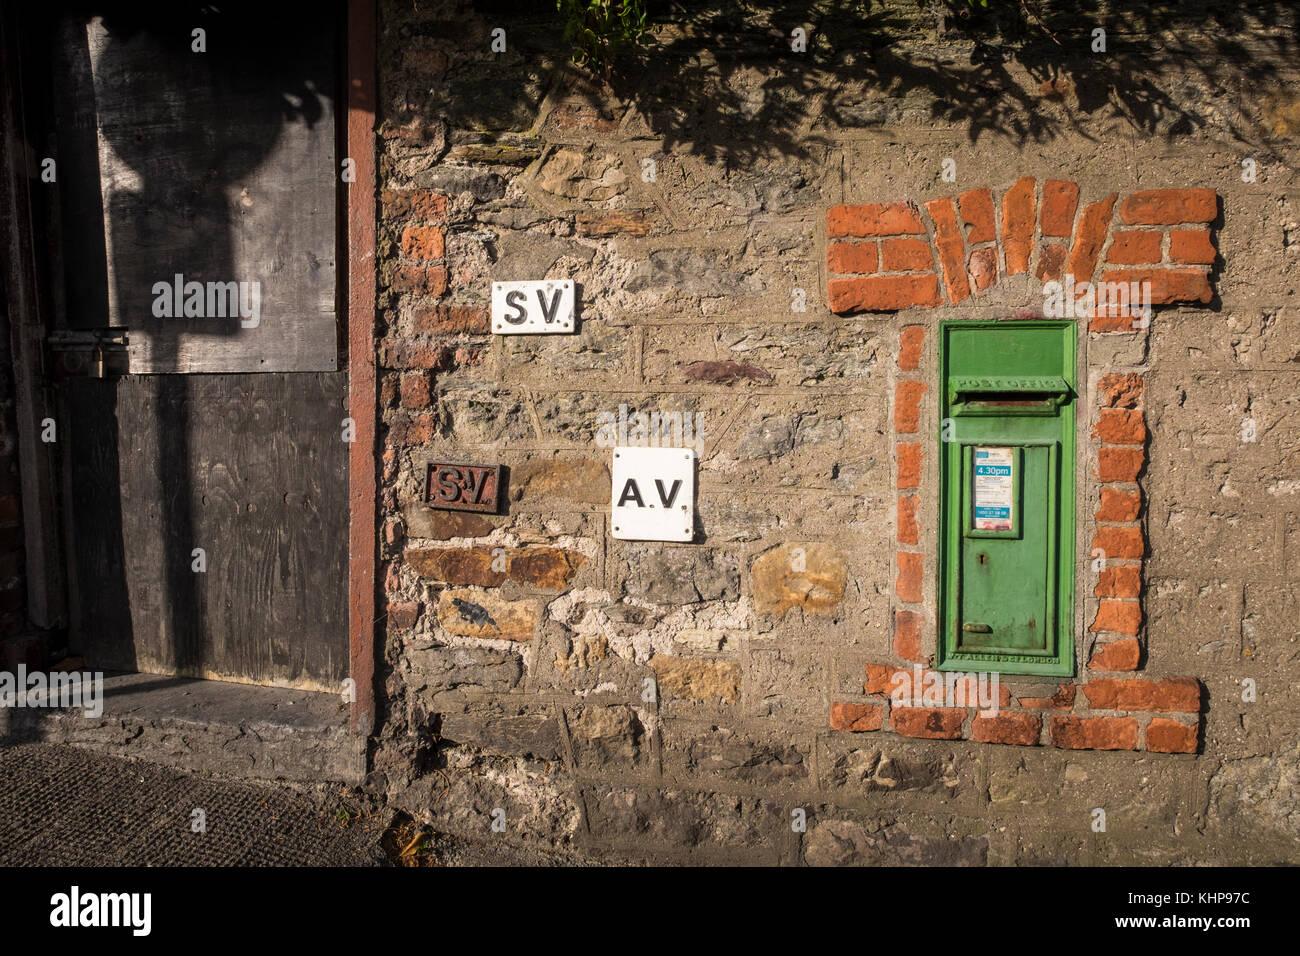 Green Post Box Imágenes De Stock & Green Post Box Fotos De Stock - Alamy